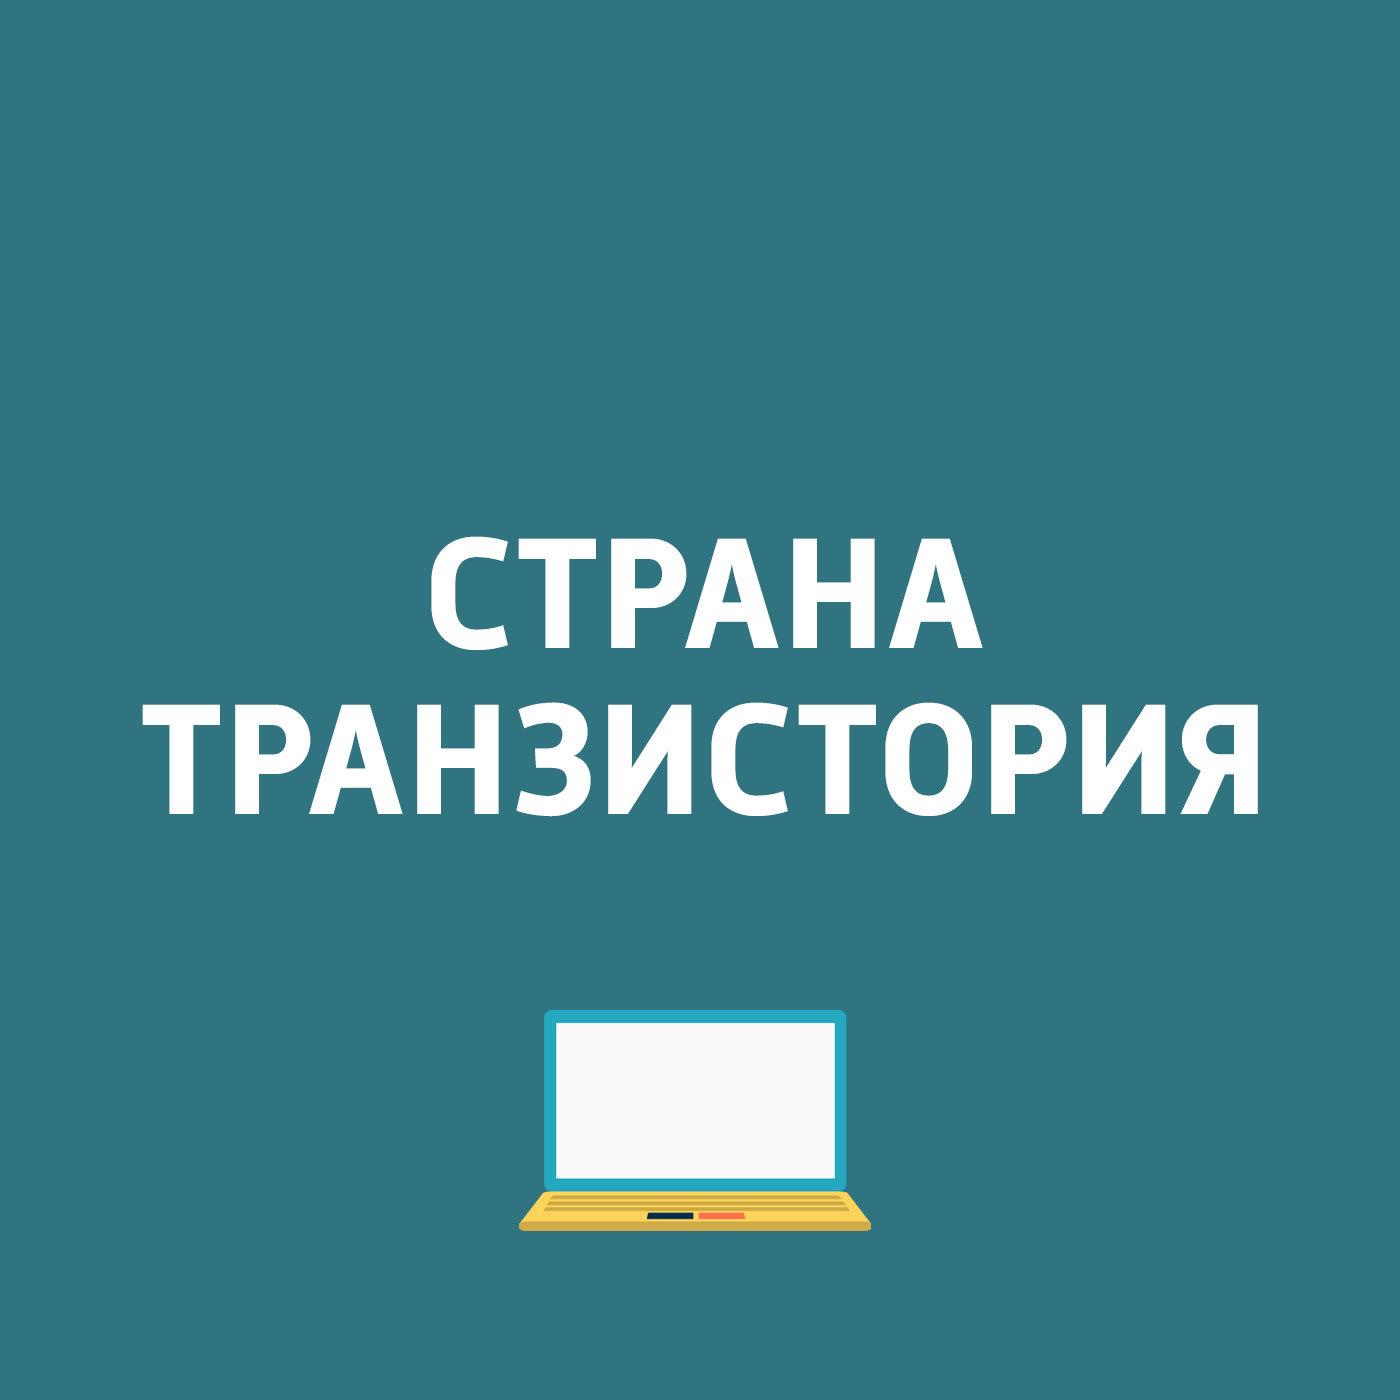 Картаев Павел Samsung принимает предзаказы; Индийский смартфон за $4; Яндекс.Почта научилась переводить....